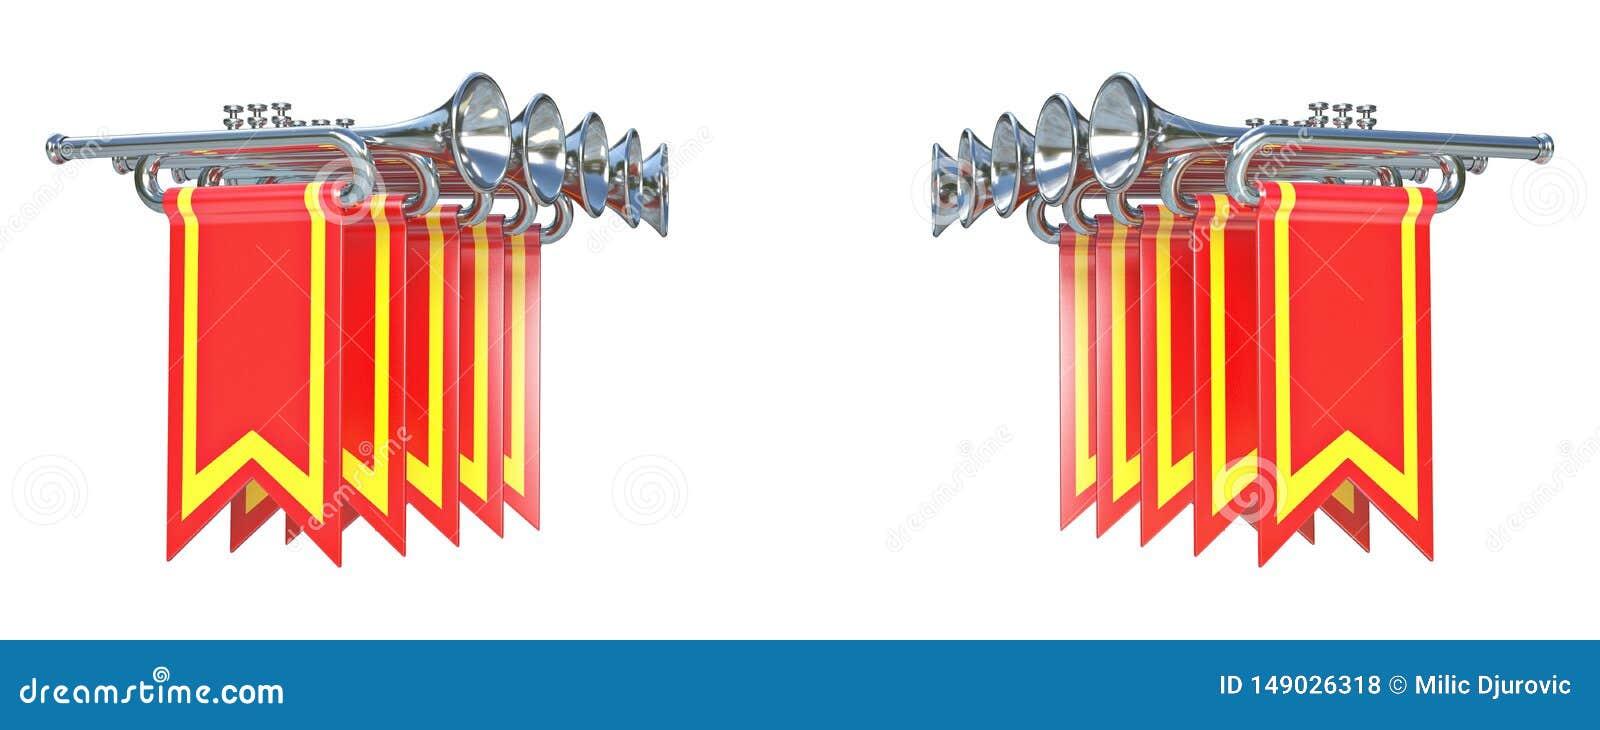 Symmetrisk fanfar tio försilvrar trumpeter och röda flaggor 3D